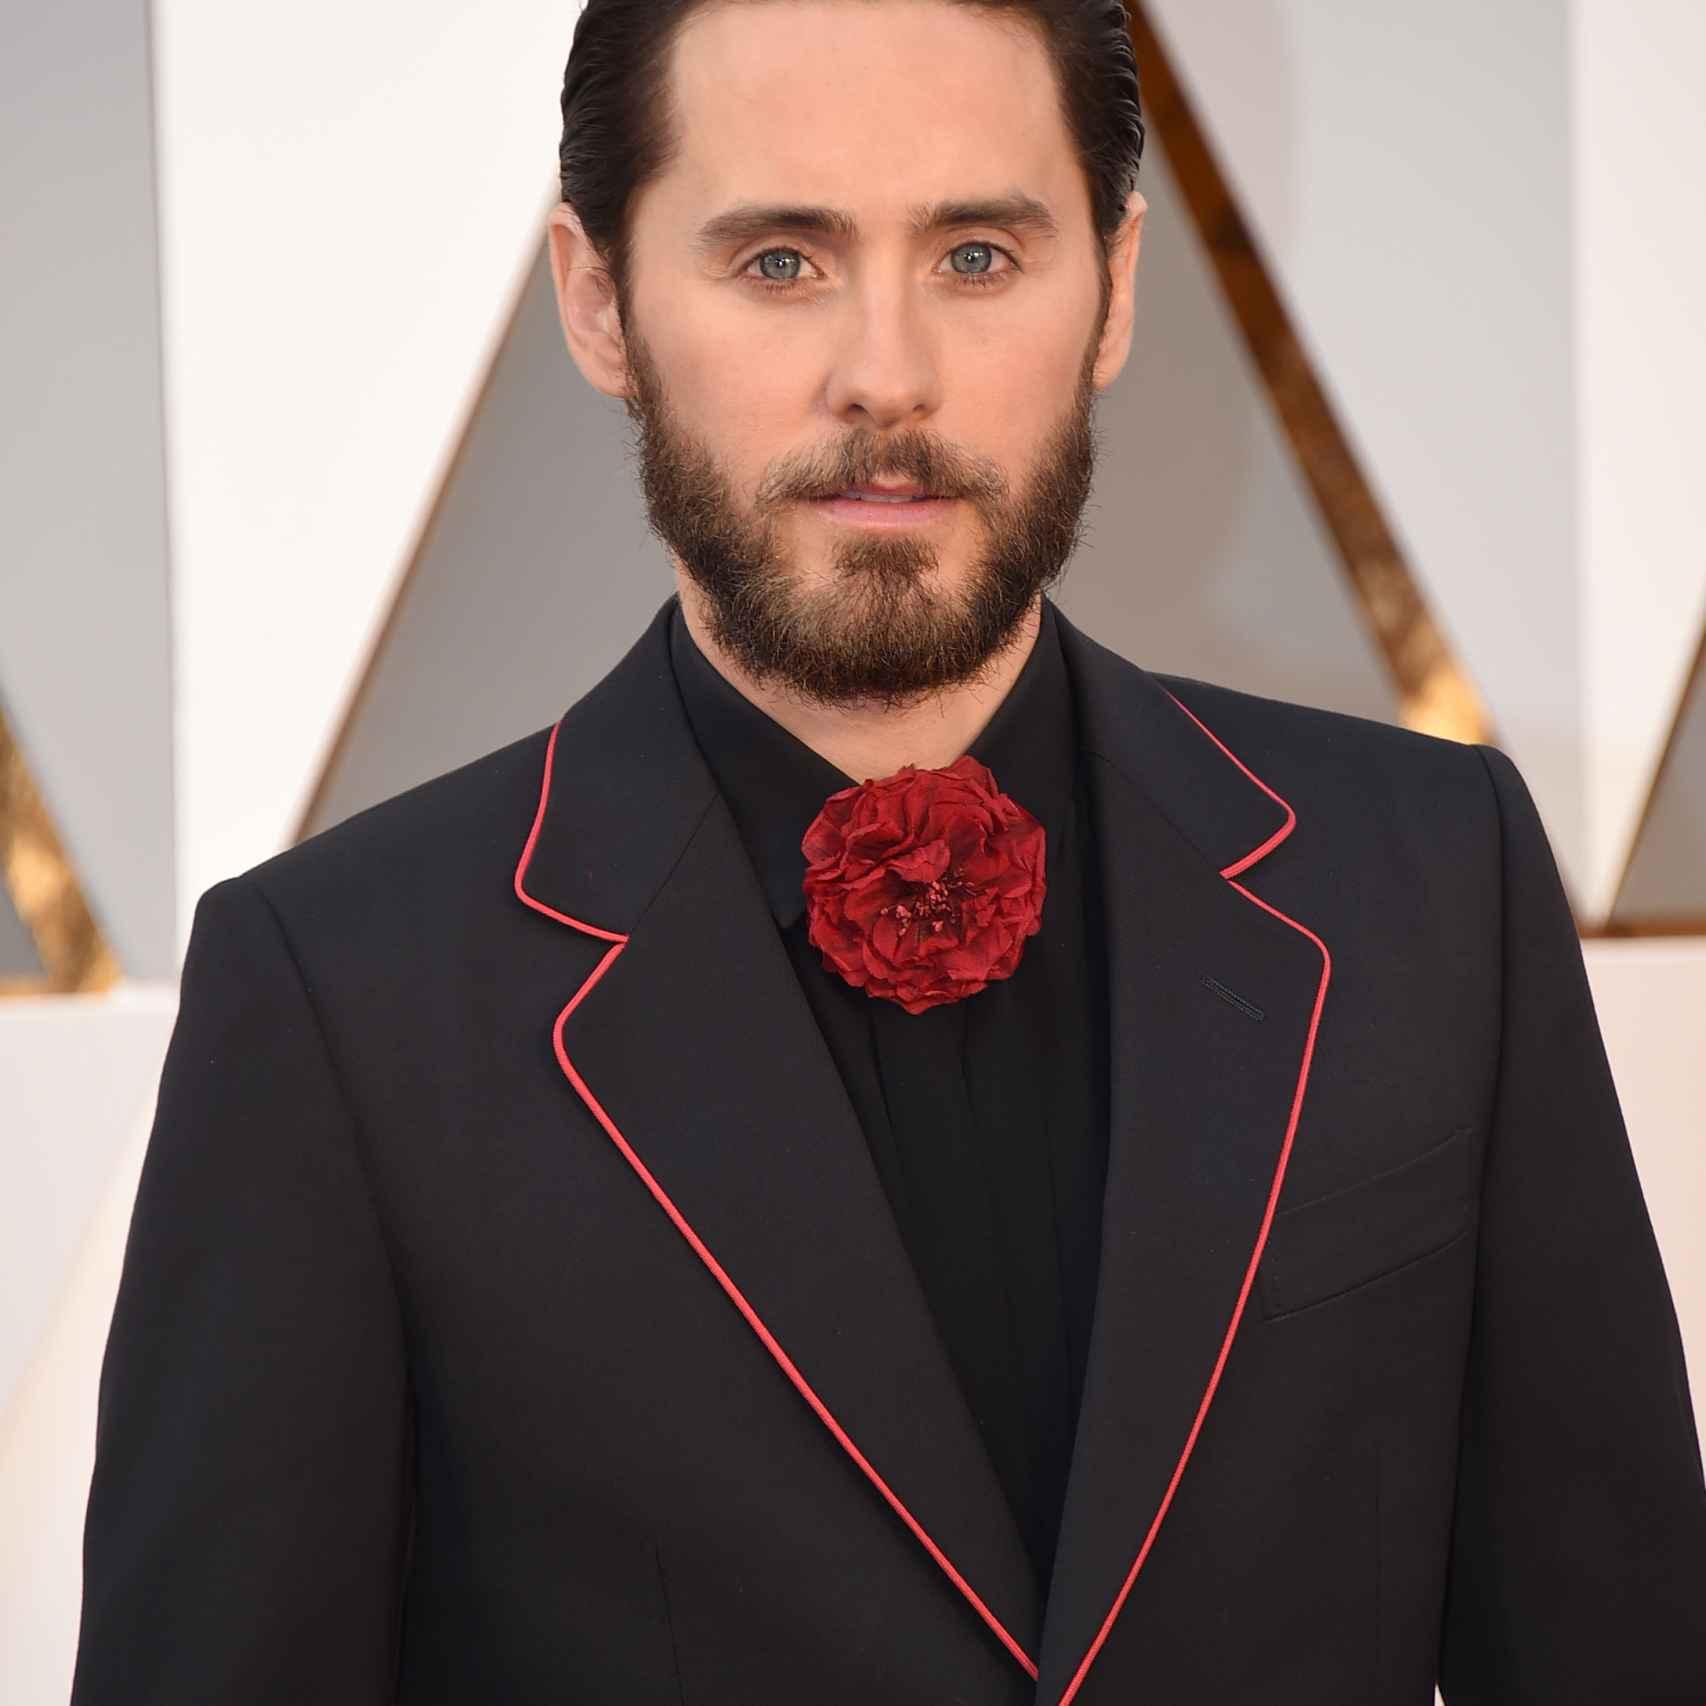 El oscarizado Jared Leto siempre arriesga. En esta ocasión un traje negro con ribete rojo inspiración flamenca de Gucci